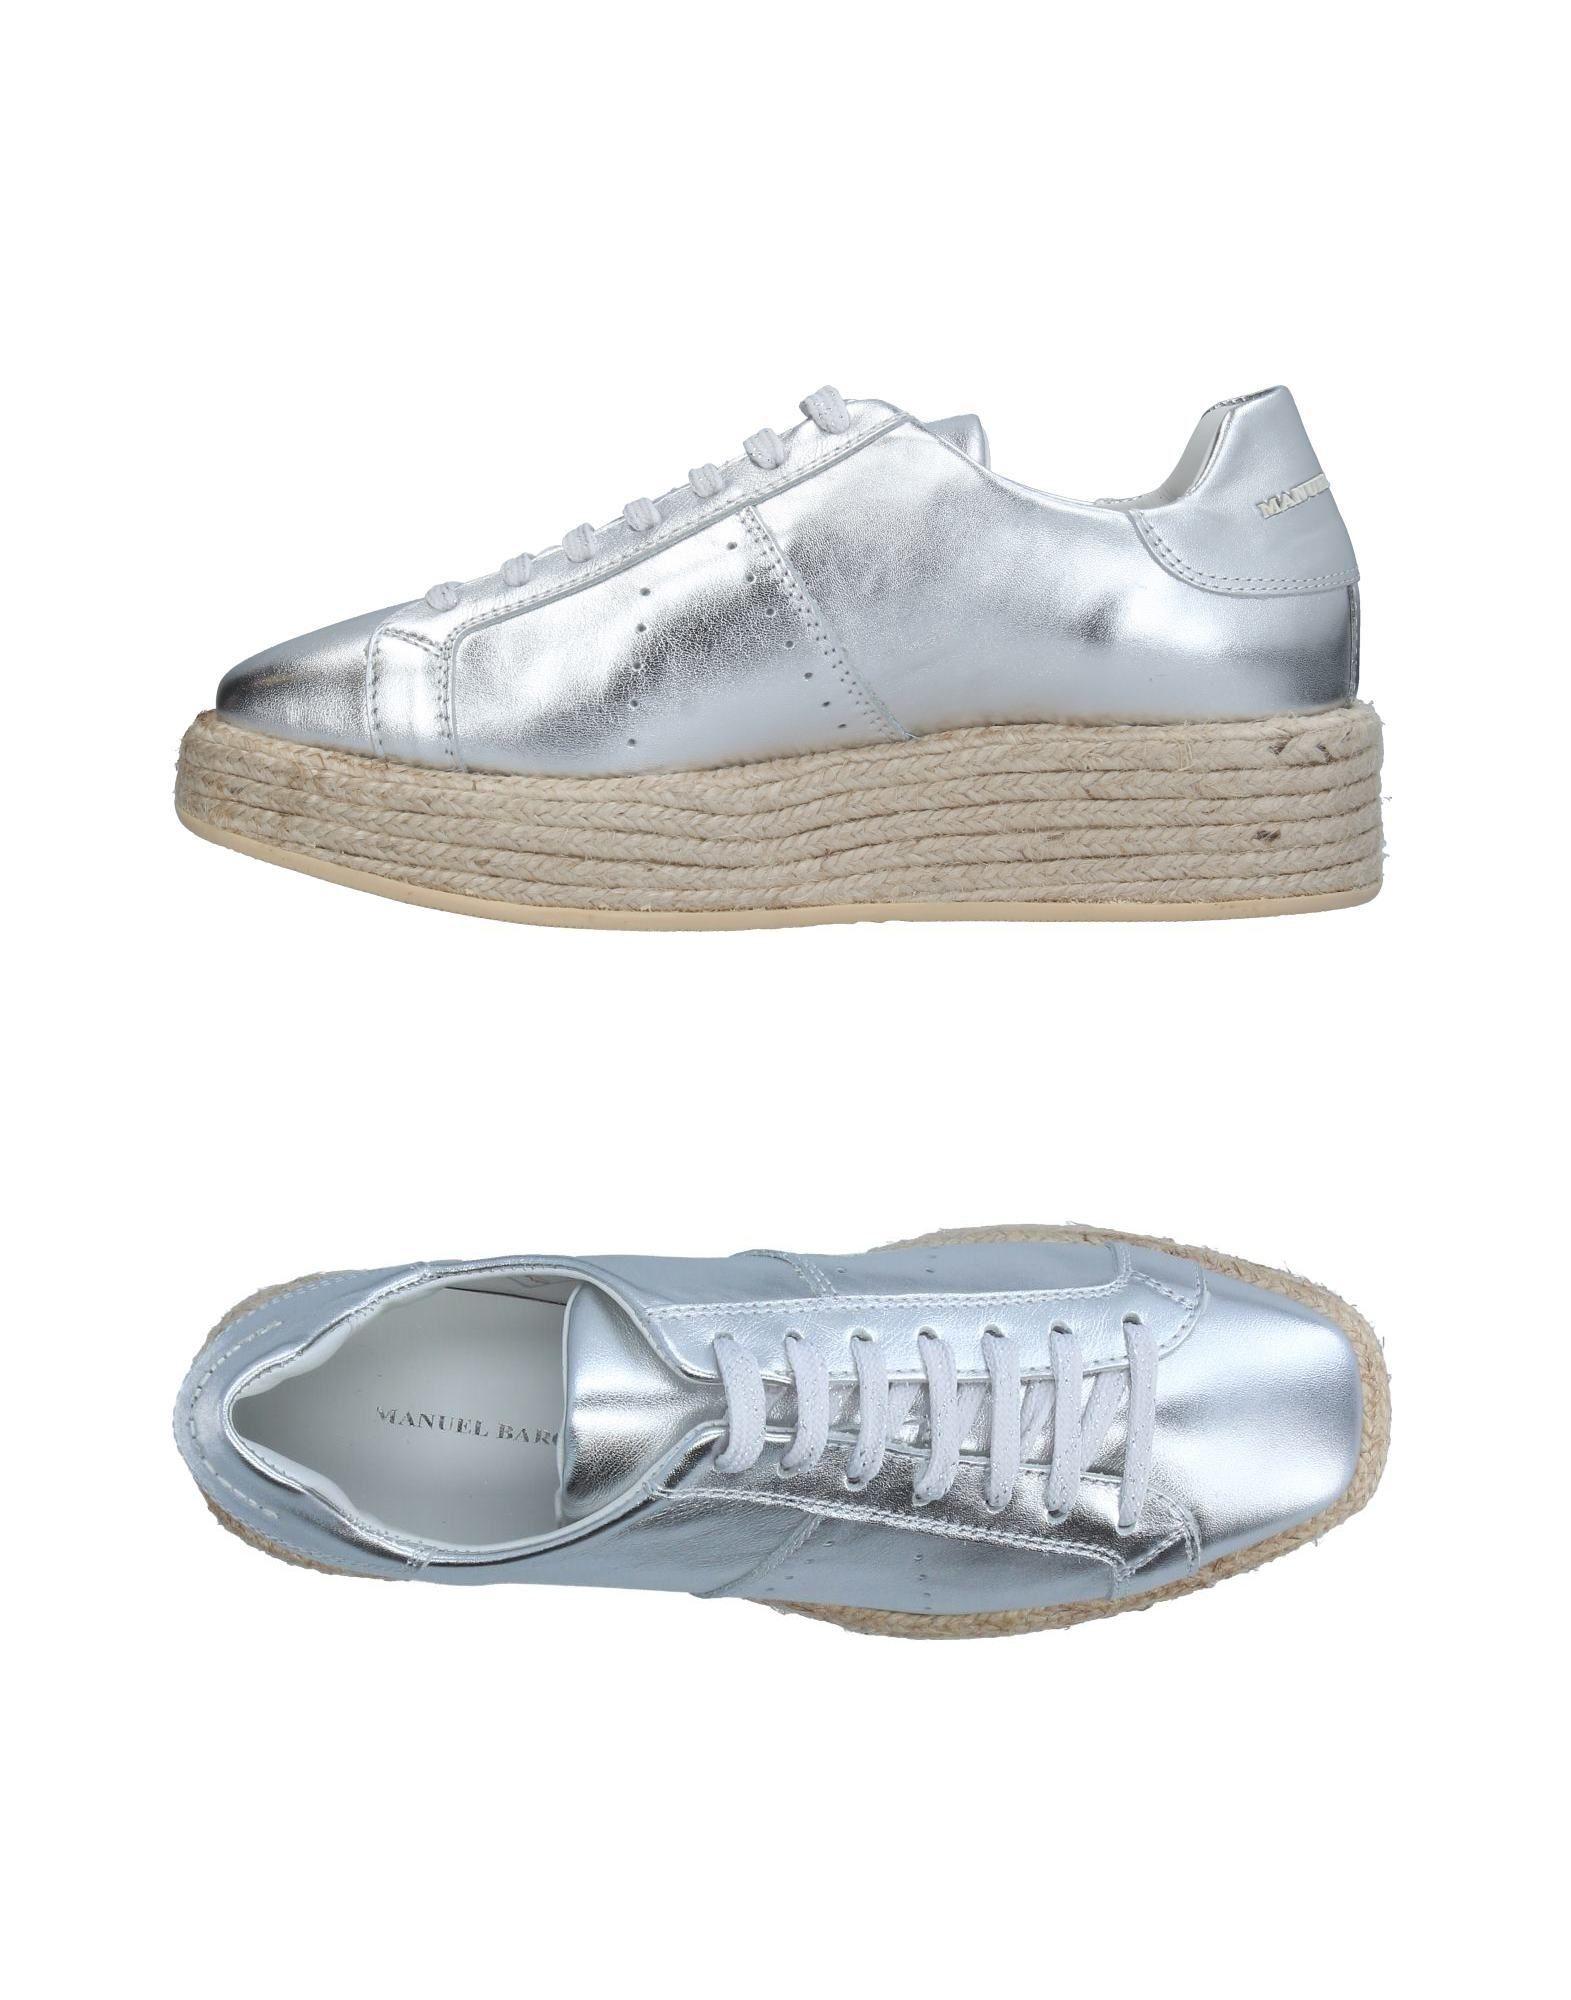 Manuel Barceló Sneakers Damen  11331986KG